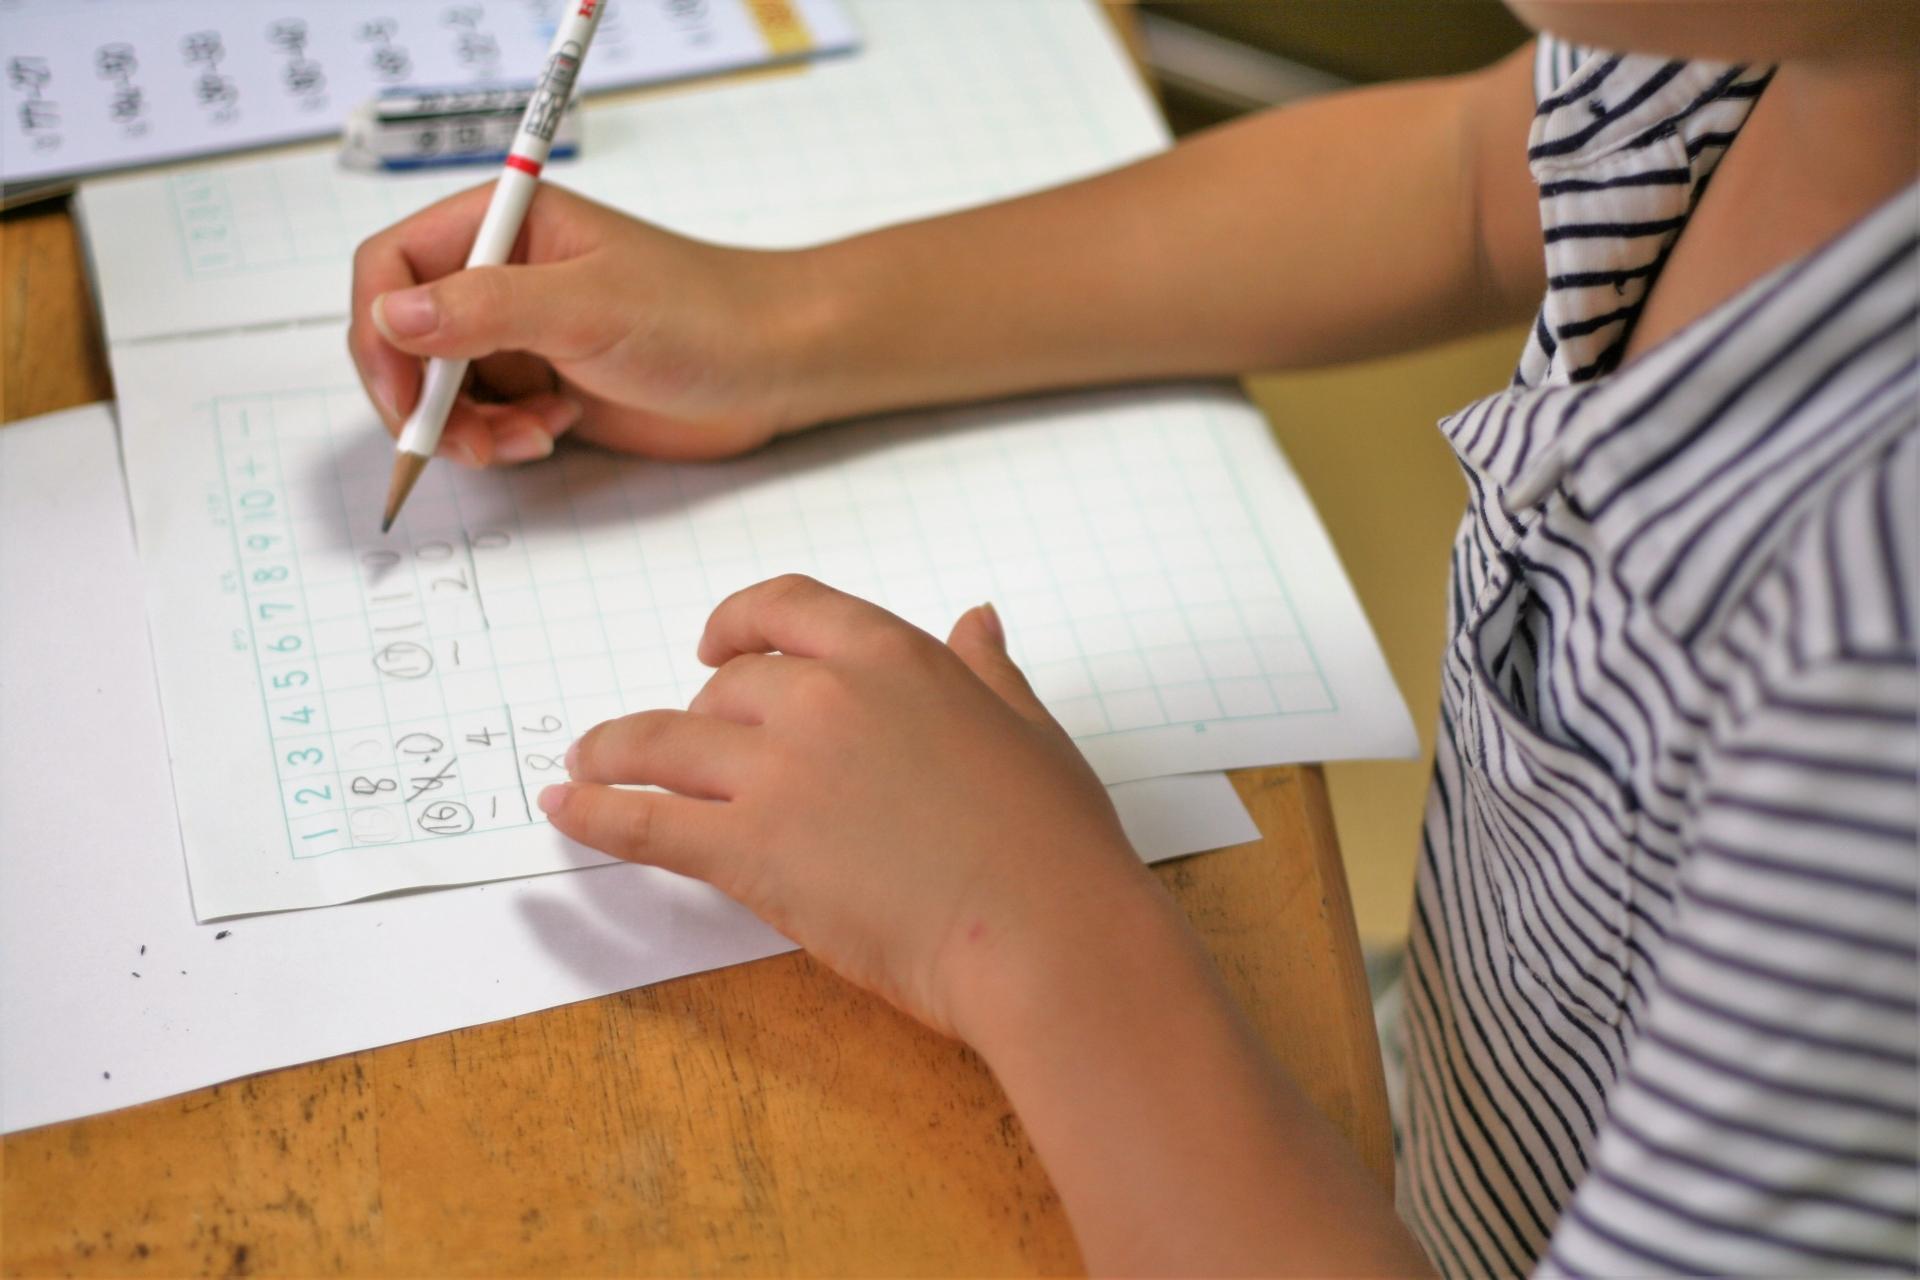 鉛筆の正しい使い方